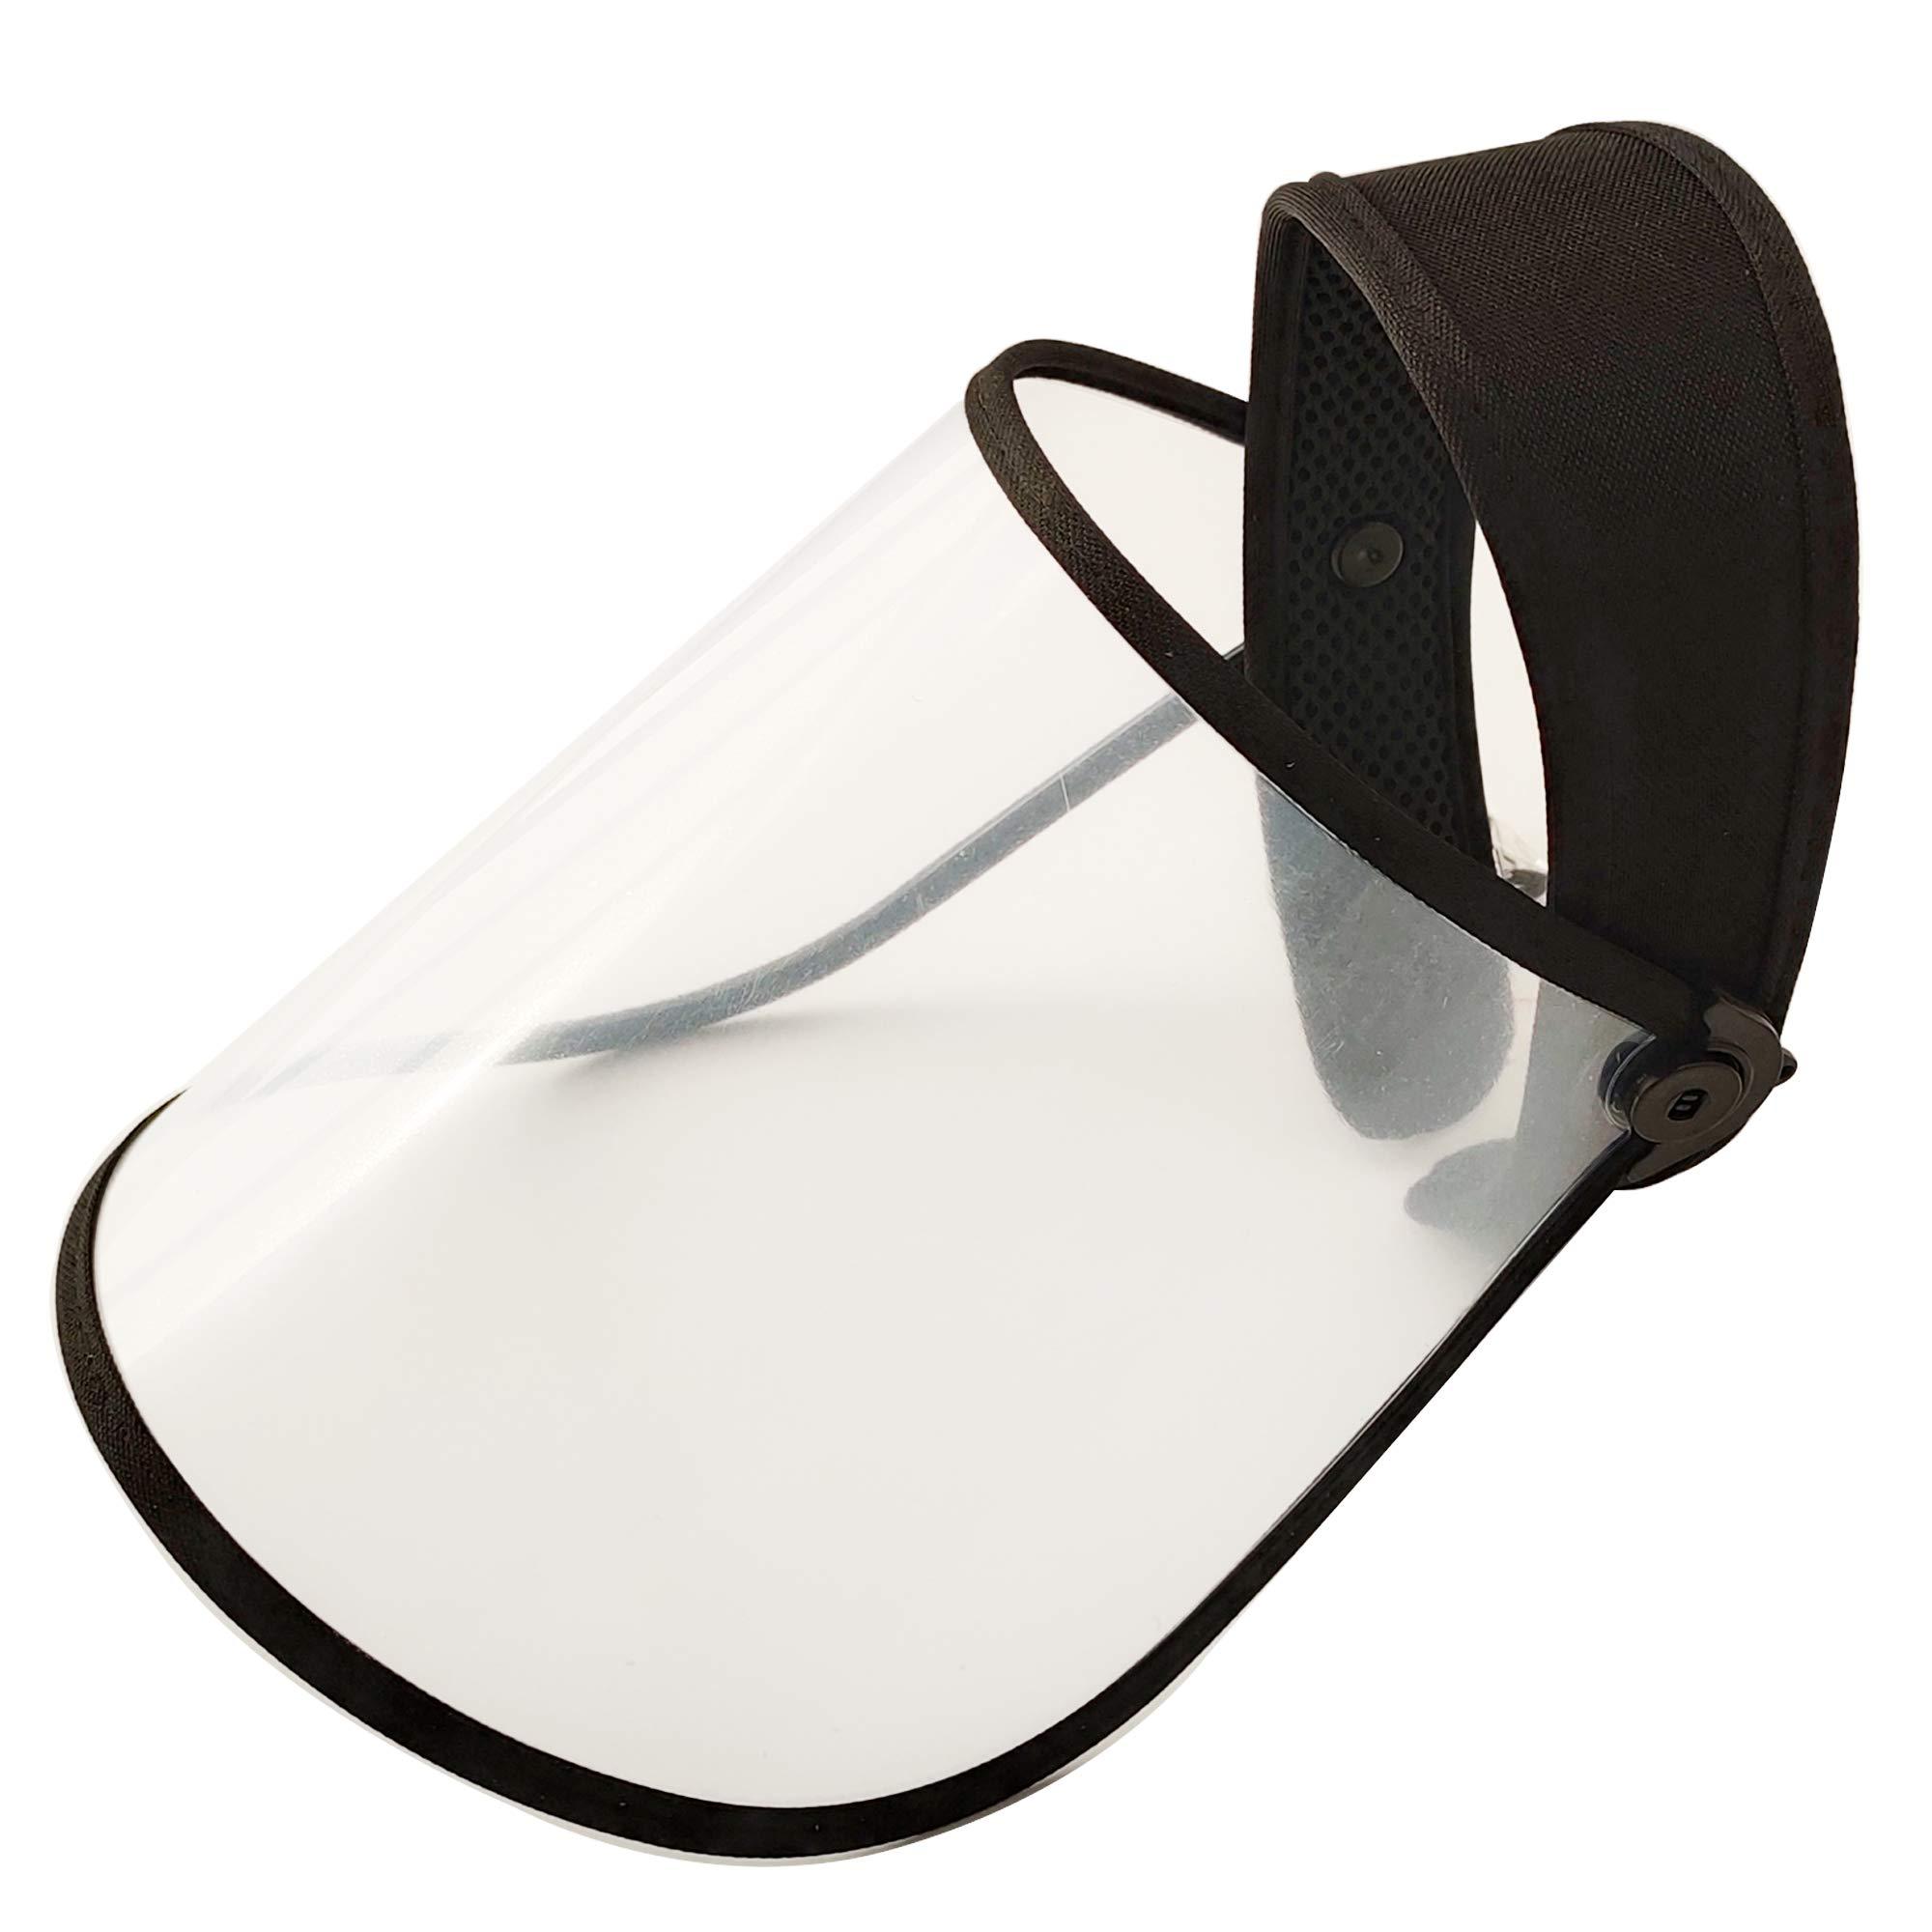 chenglan Sun Visor Full Face Shield UV Protective Cap Mask Eye Antiglare blueligh Cover Disposable Adjustable Hat for Women Men (Transparent) 54cm